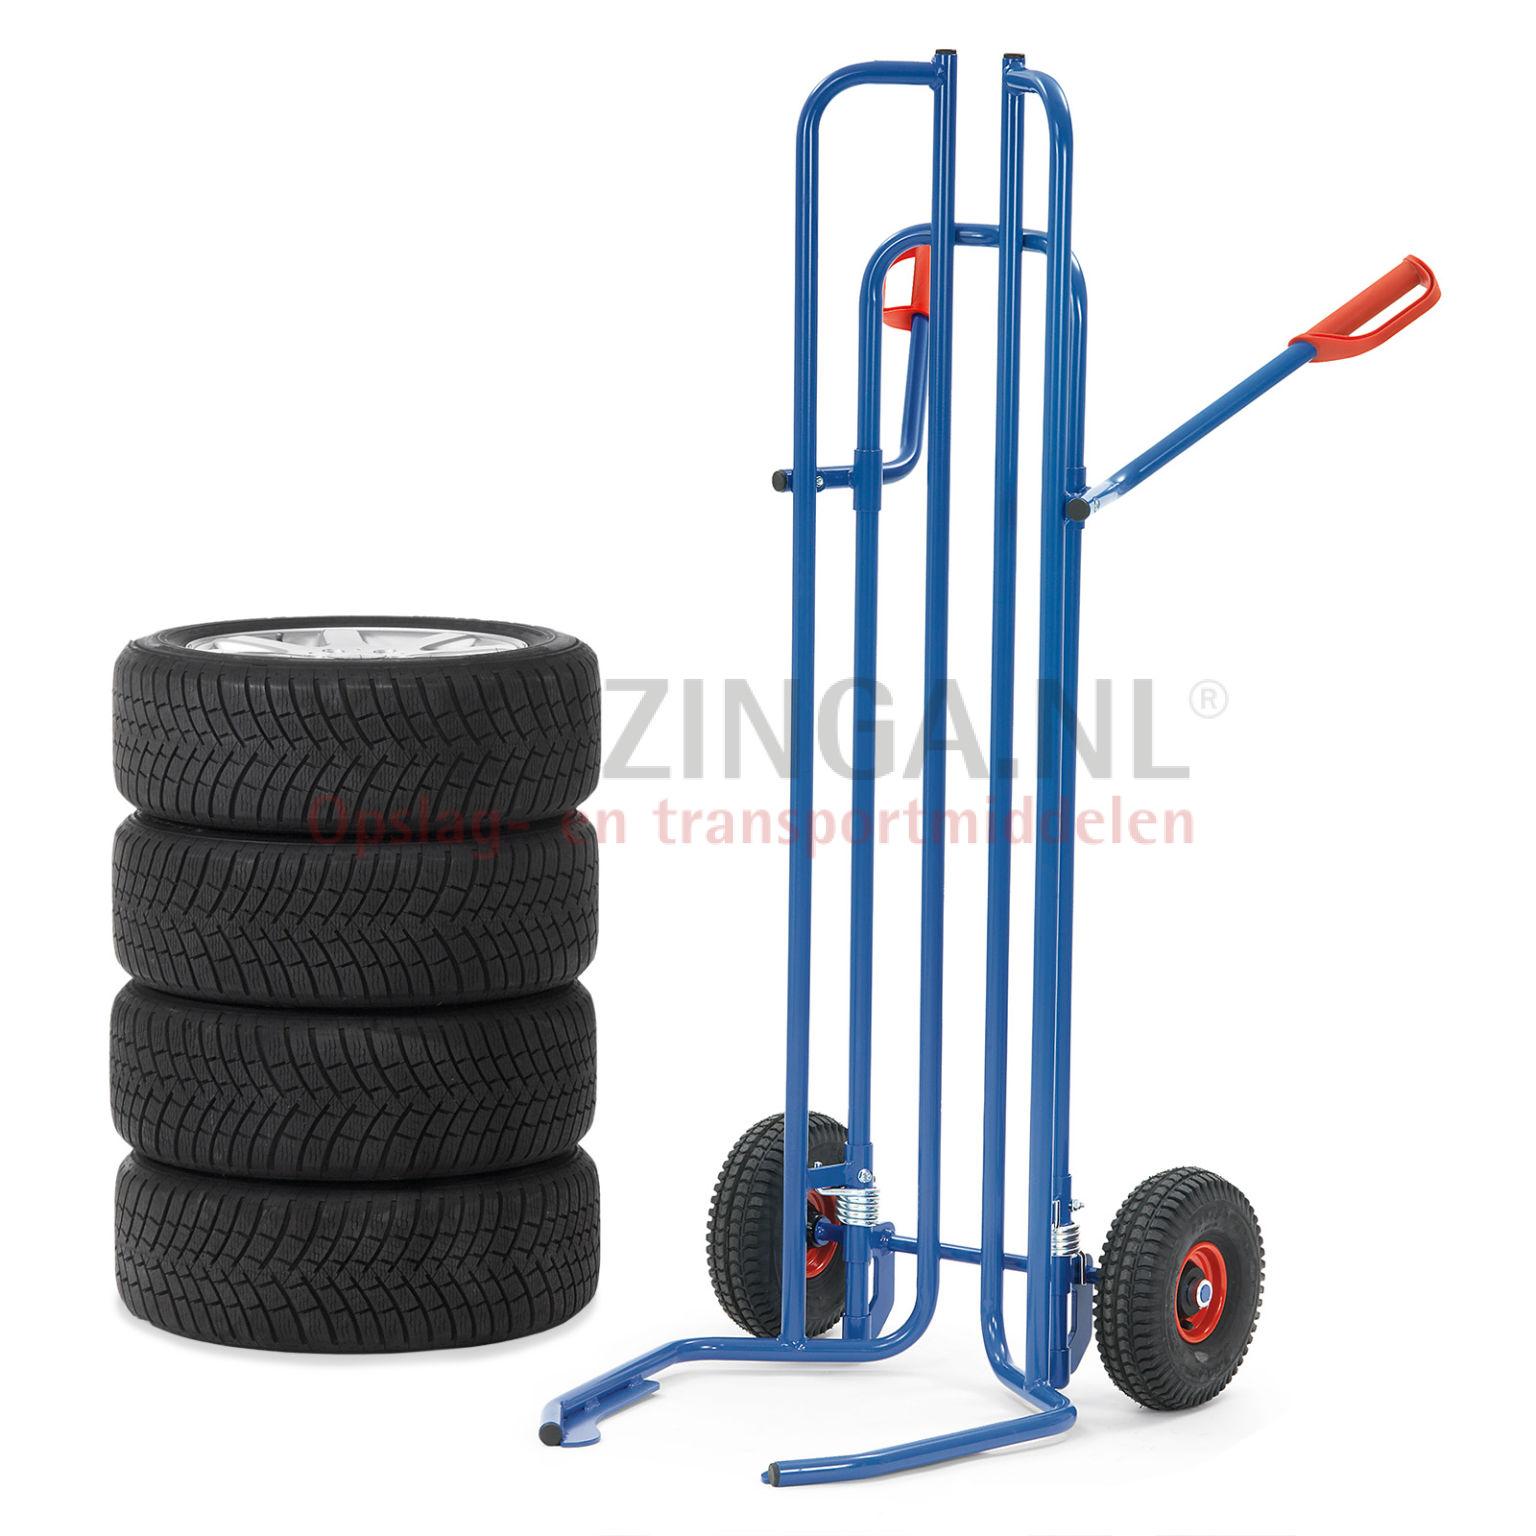 Stockage pour pneus diable pour pneus roues massif caoutchouc 250 60 mm 270 frais de - Roue caoutchouc chariot ...